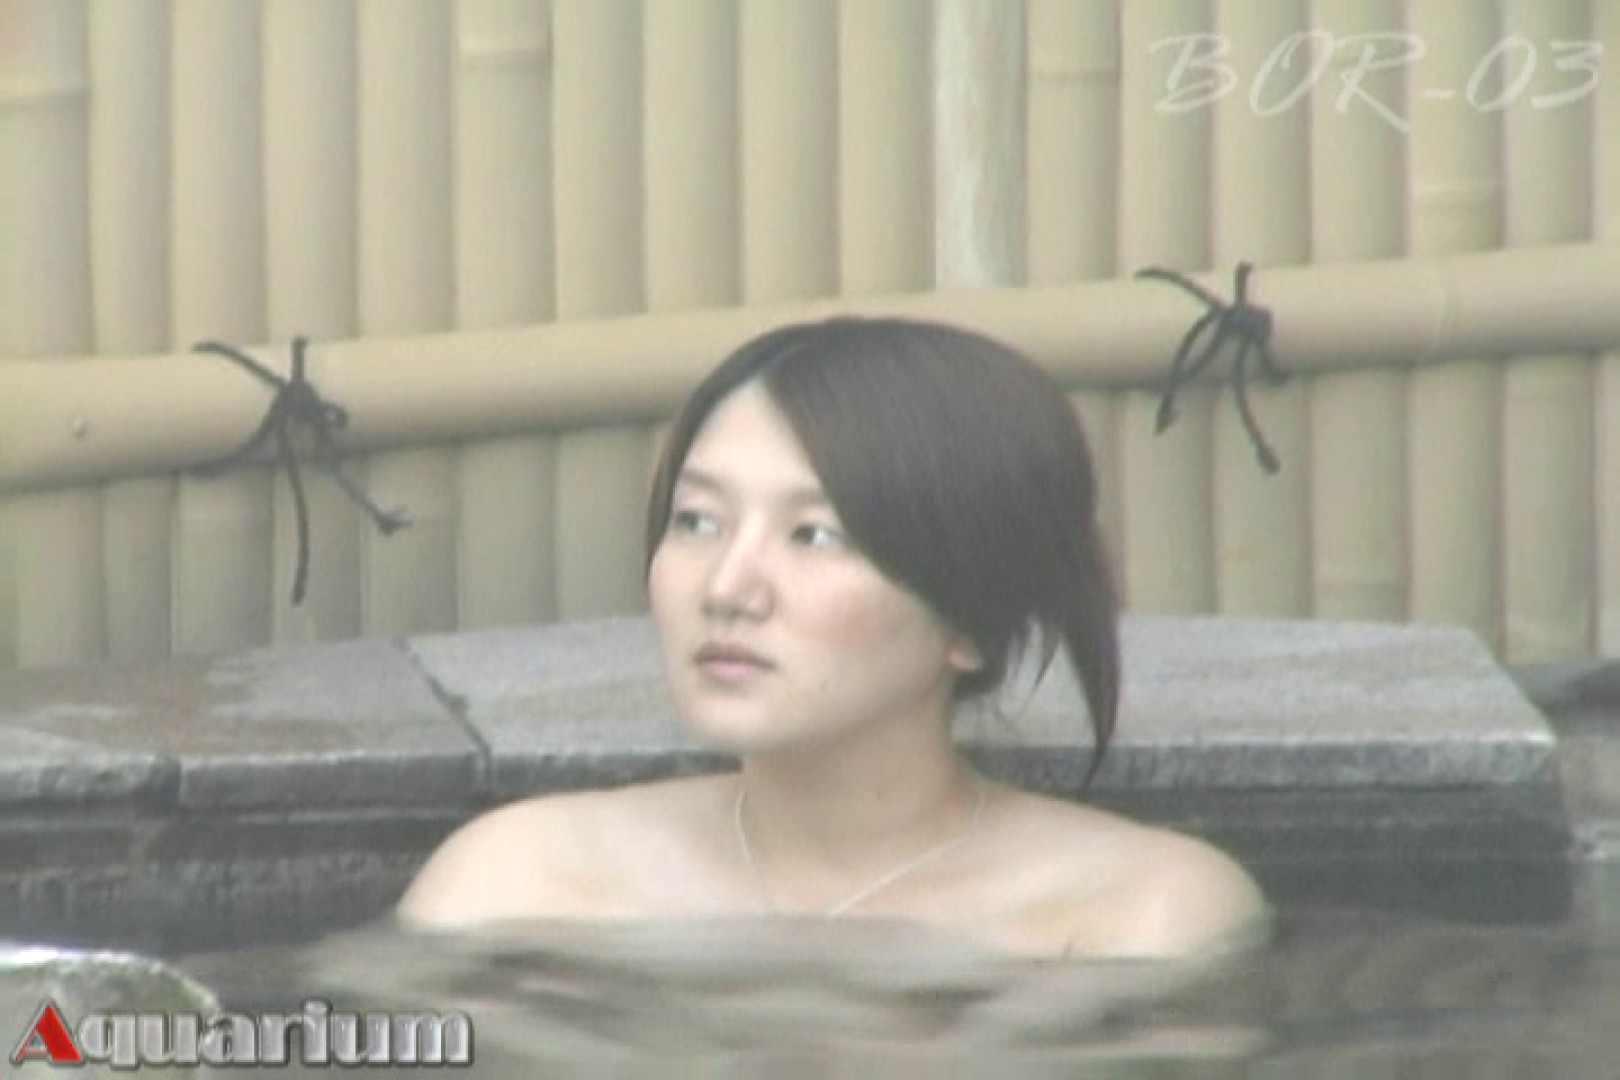 Aquaな露天風呂Vol.487 OLのエロ生活  95連発 30